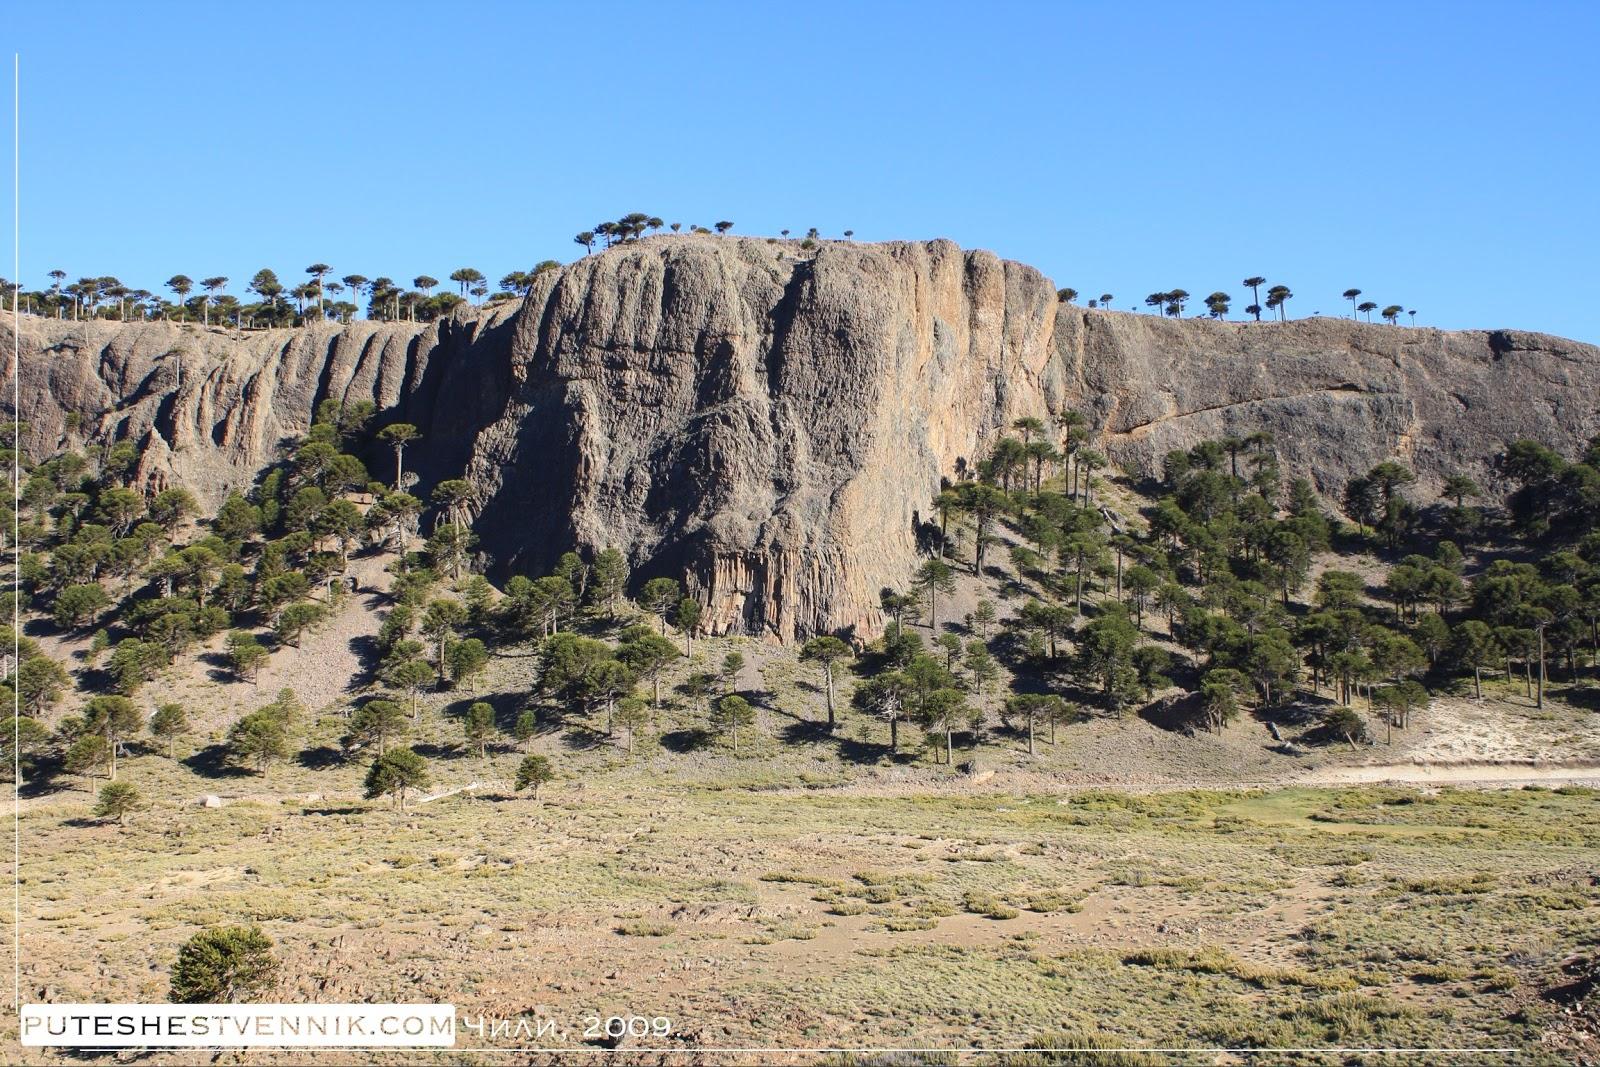 Араукарии в Чили